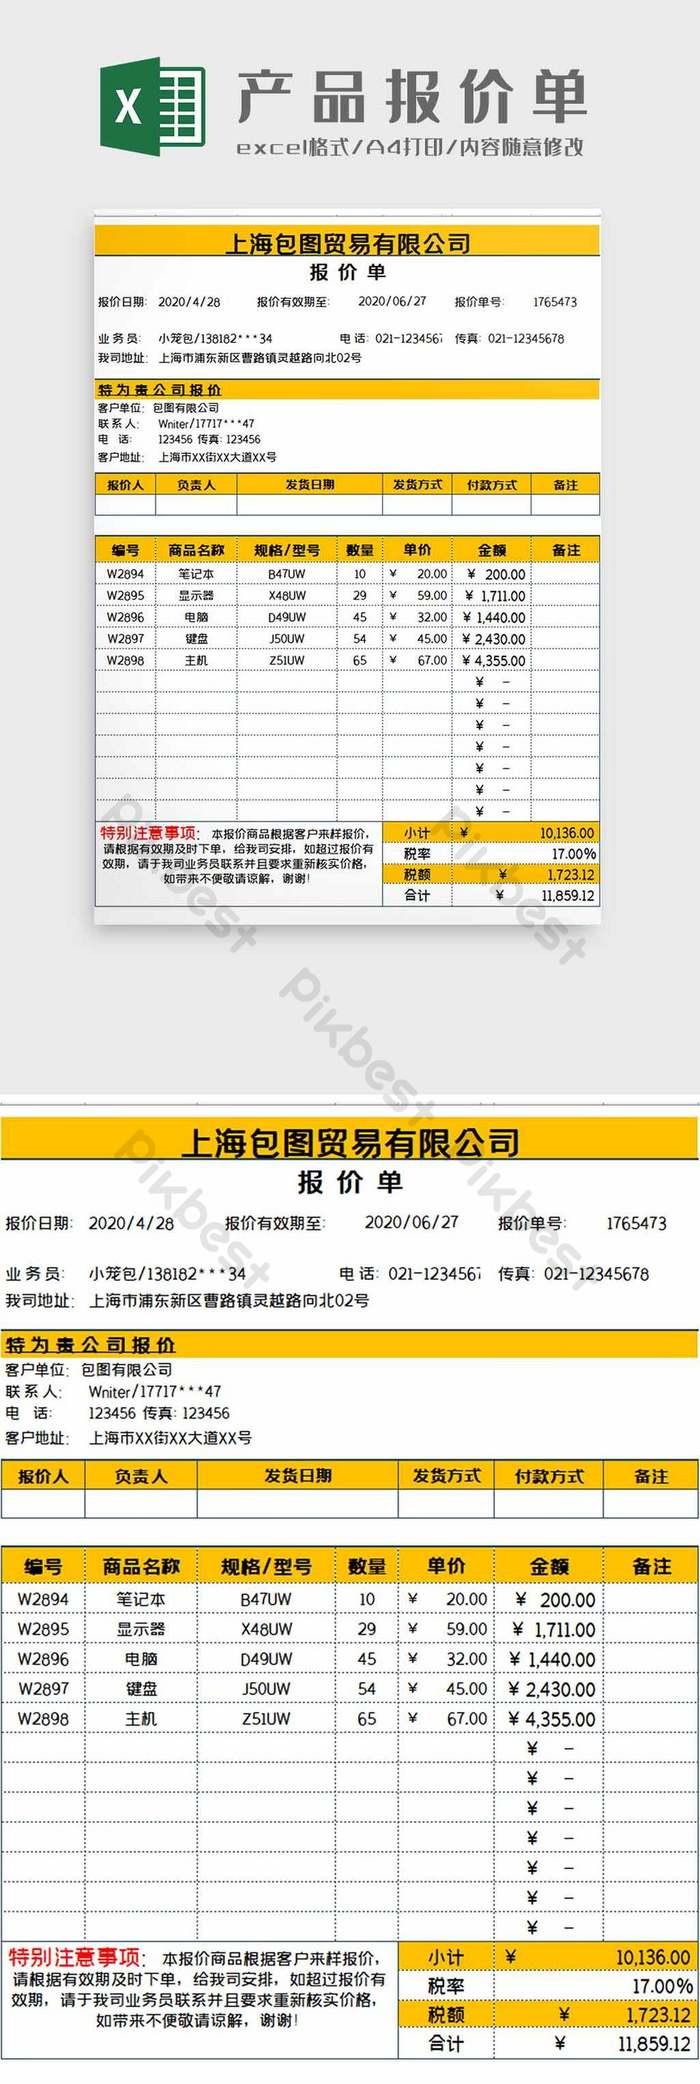 產品報價單excel模板| XLS Excel模板素材免費下載 - Pikbest